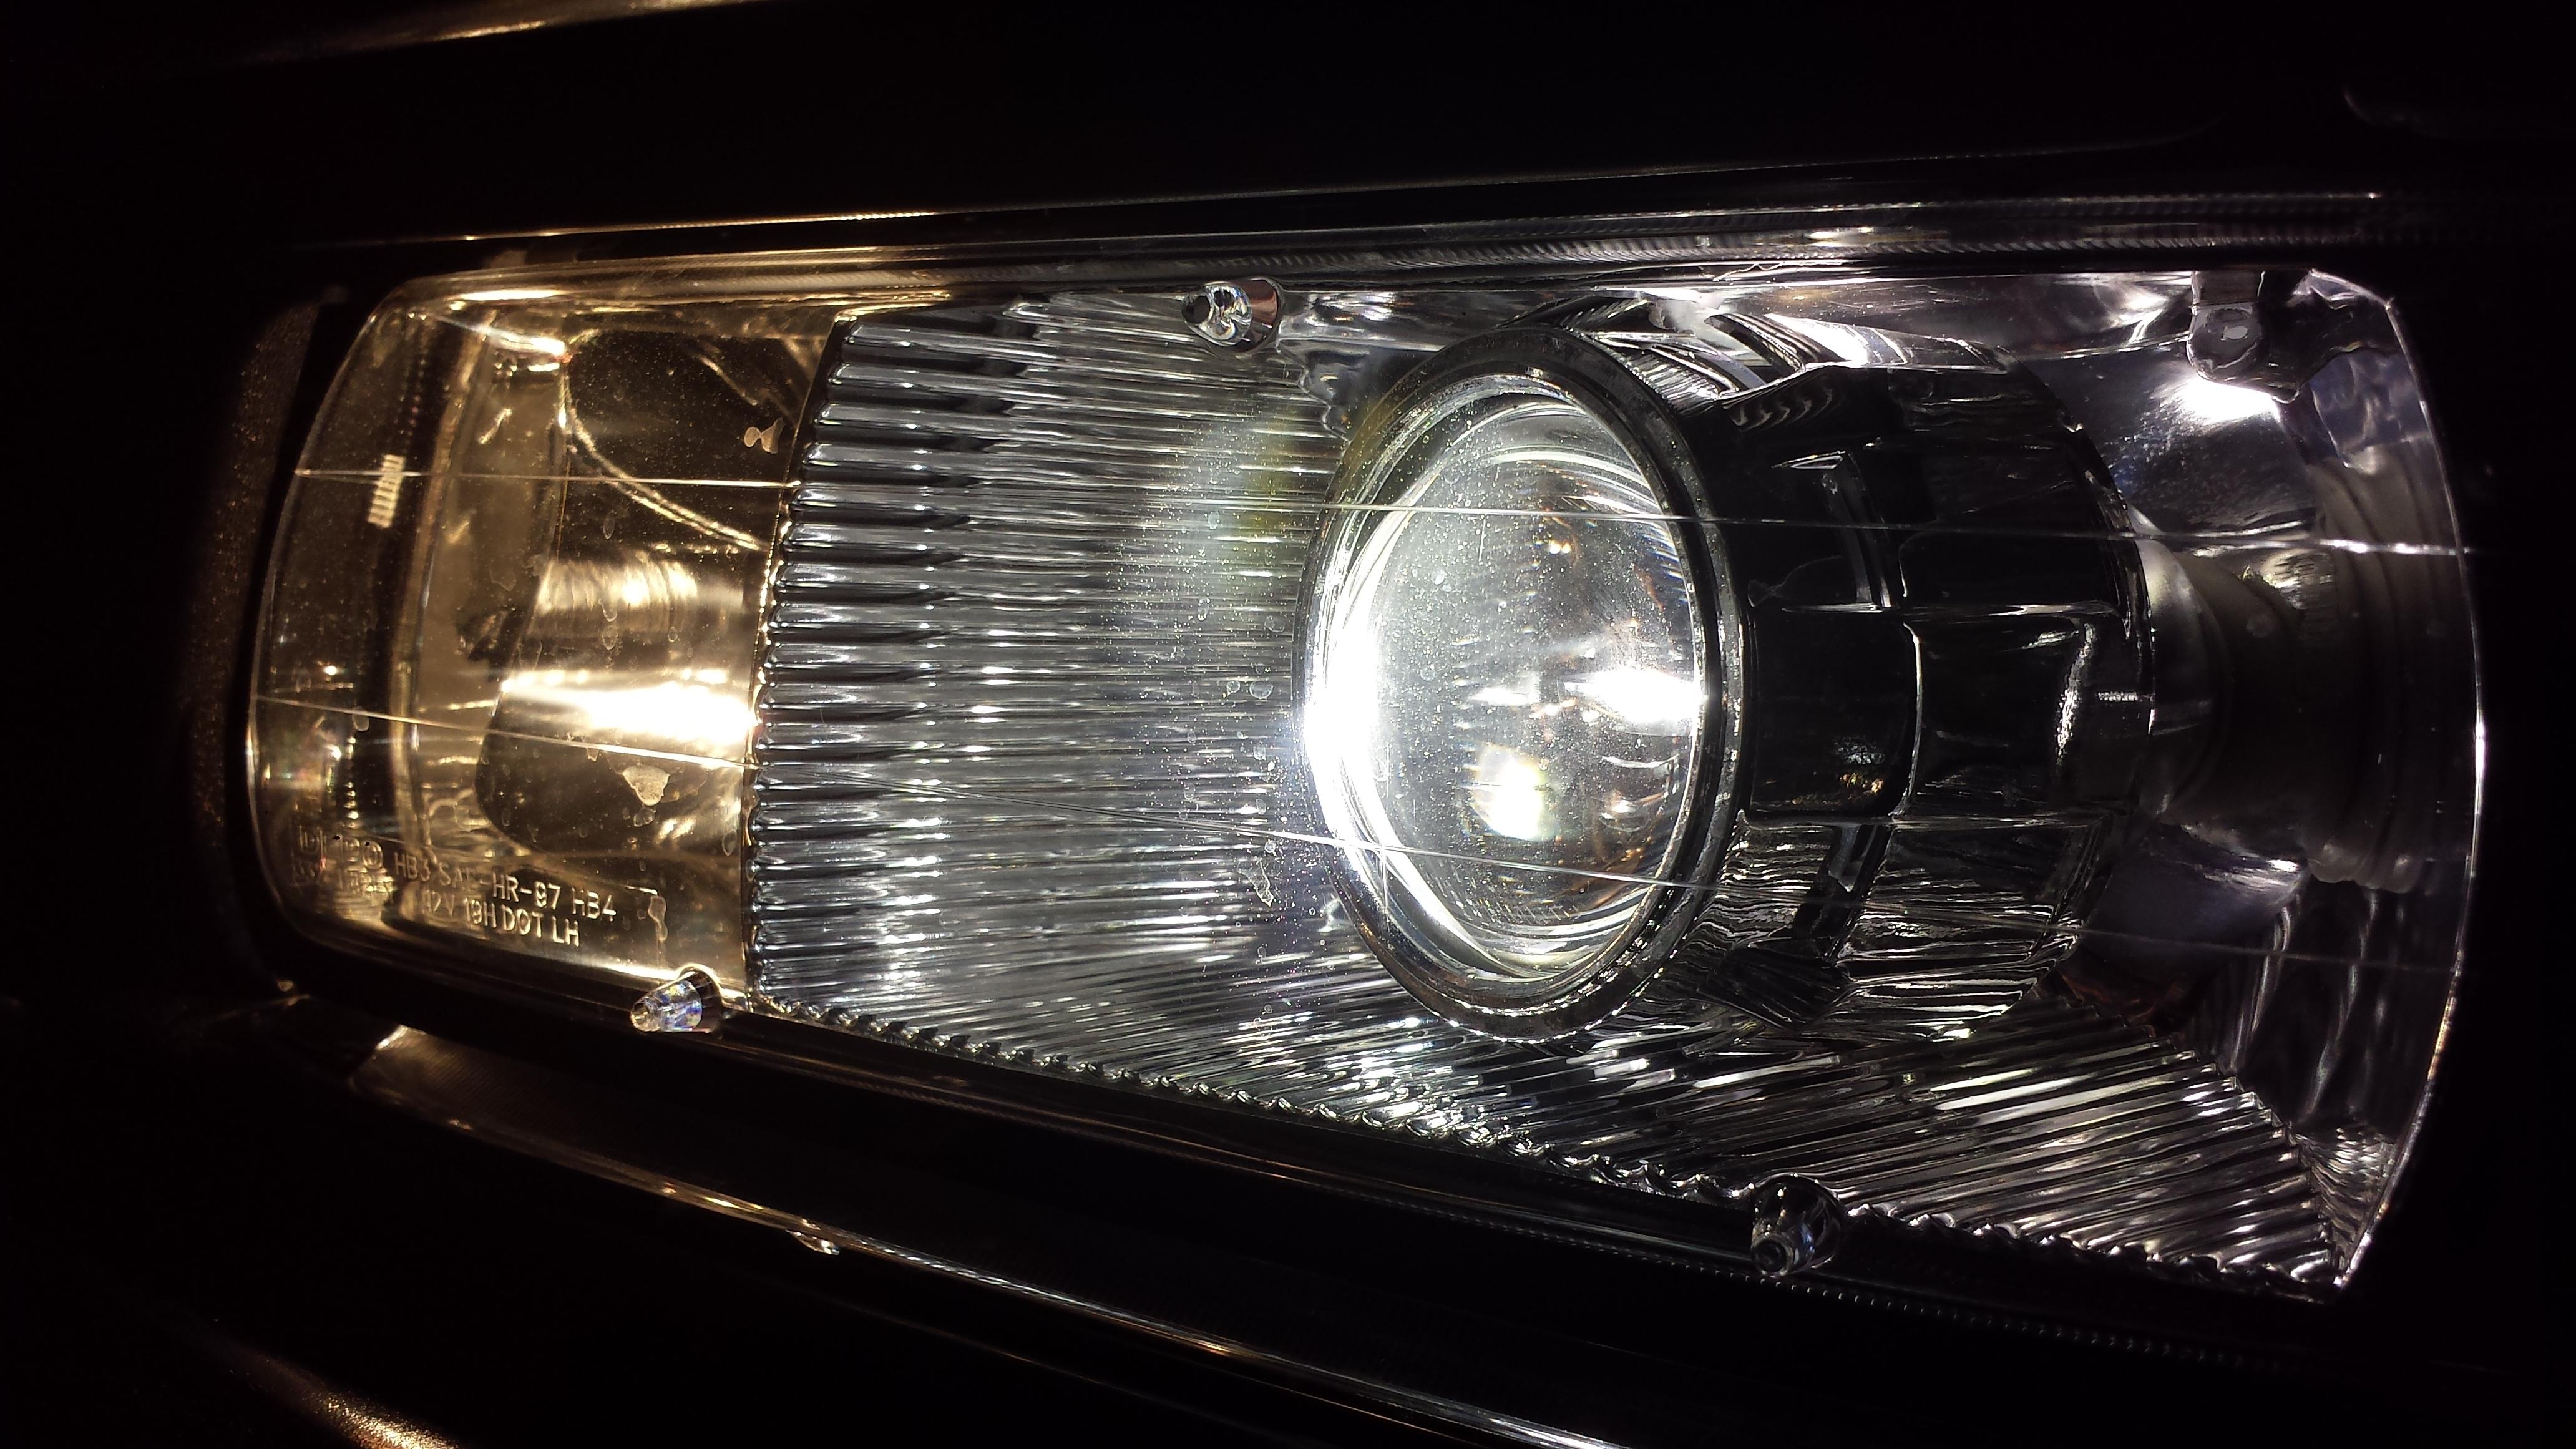 HID Retrofit – 2002 2500HD LB7 Chevy Silverado